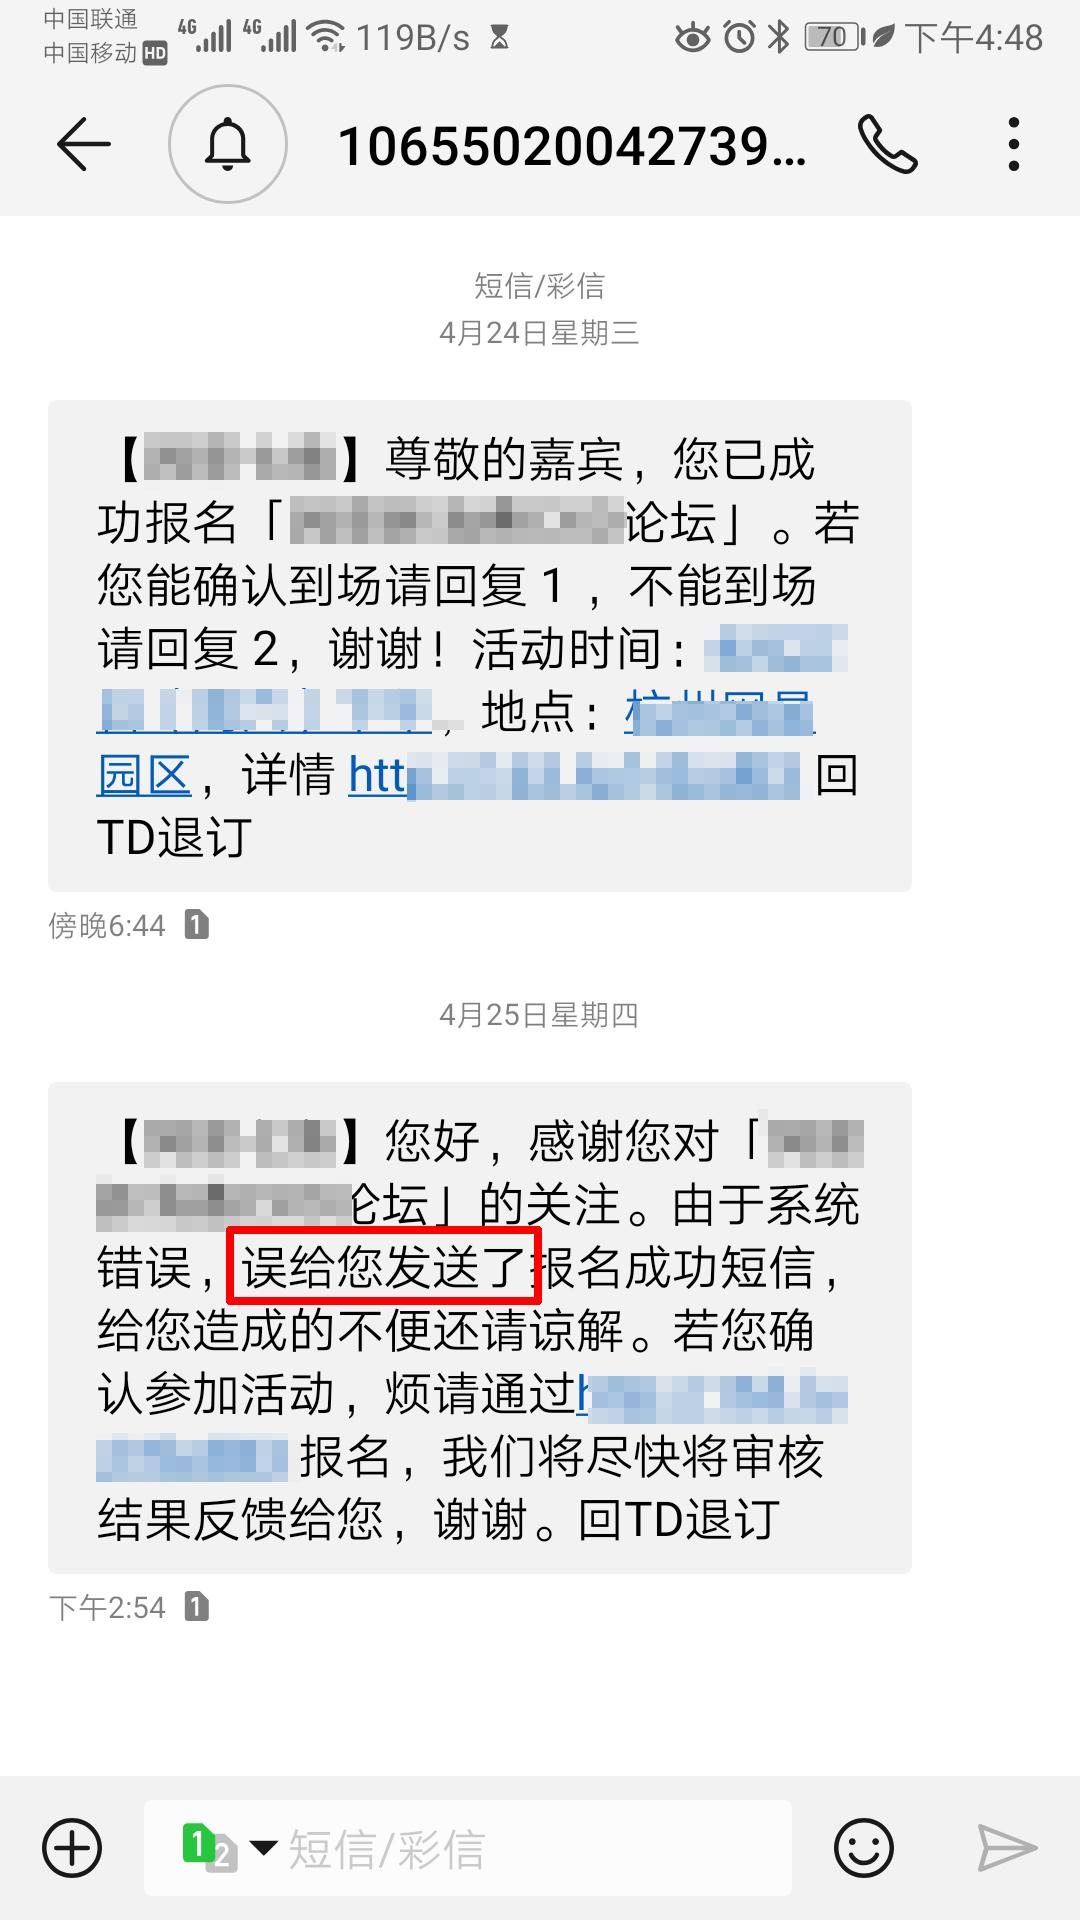 误发短信案例.jpg